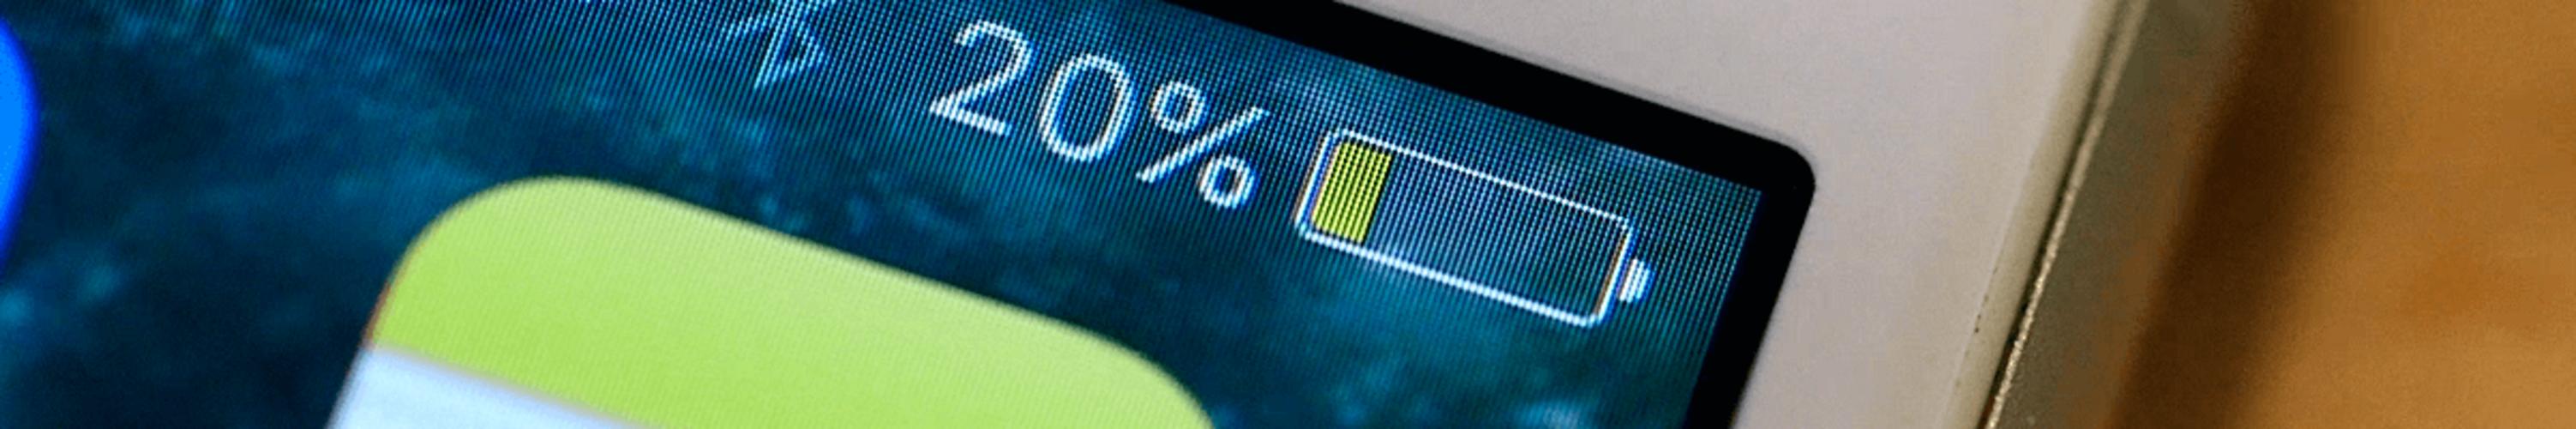 Как отключить экономный режим на iPhone (режим энергосбережения)?